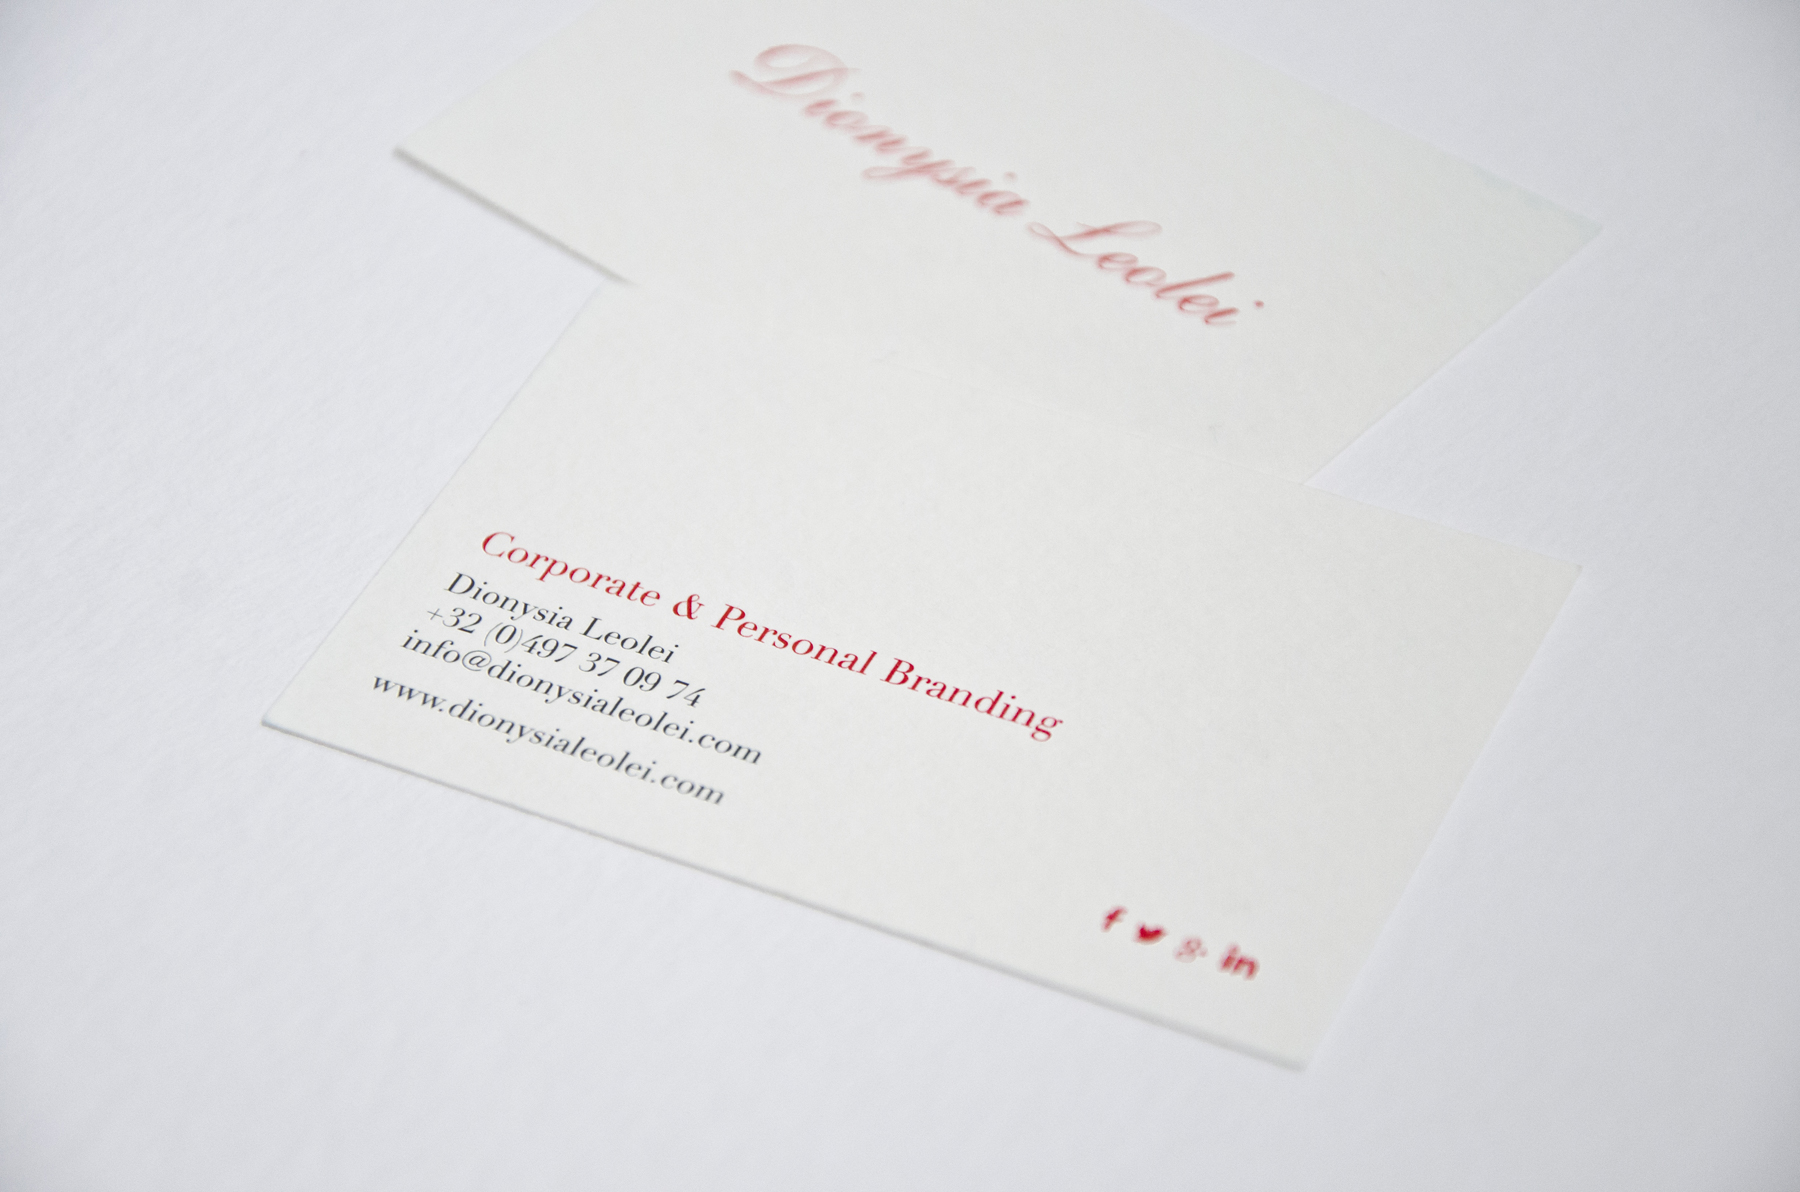 Dionysia Leolei Business card